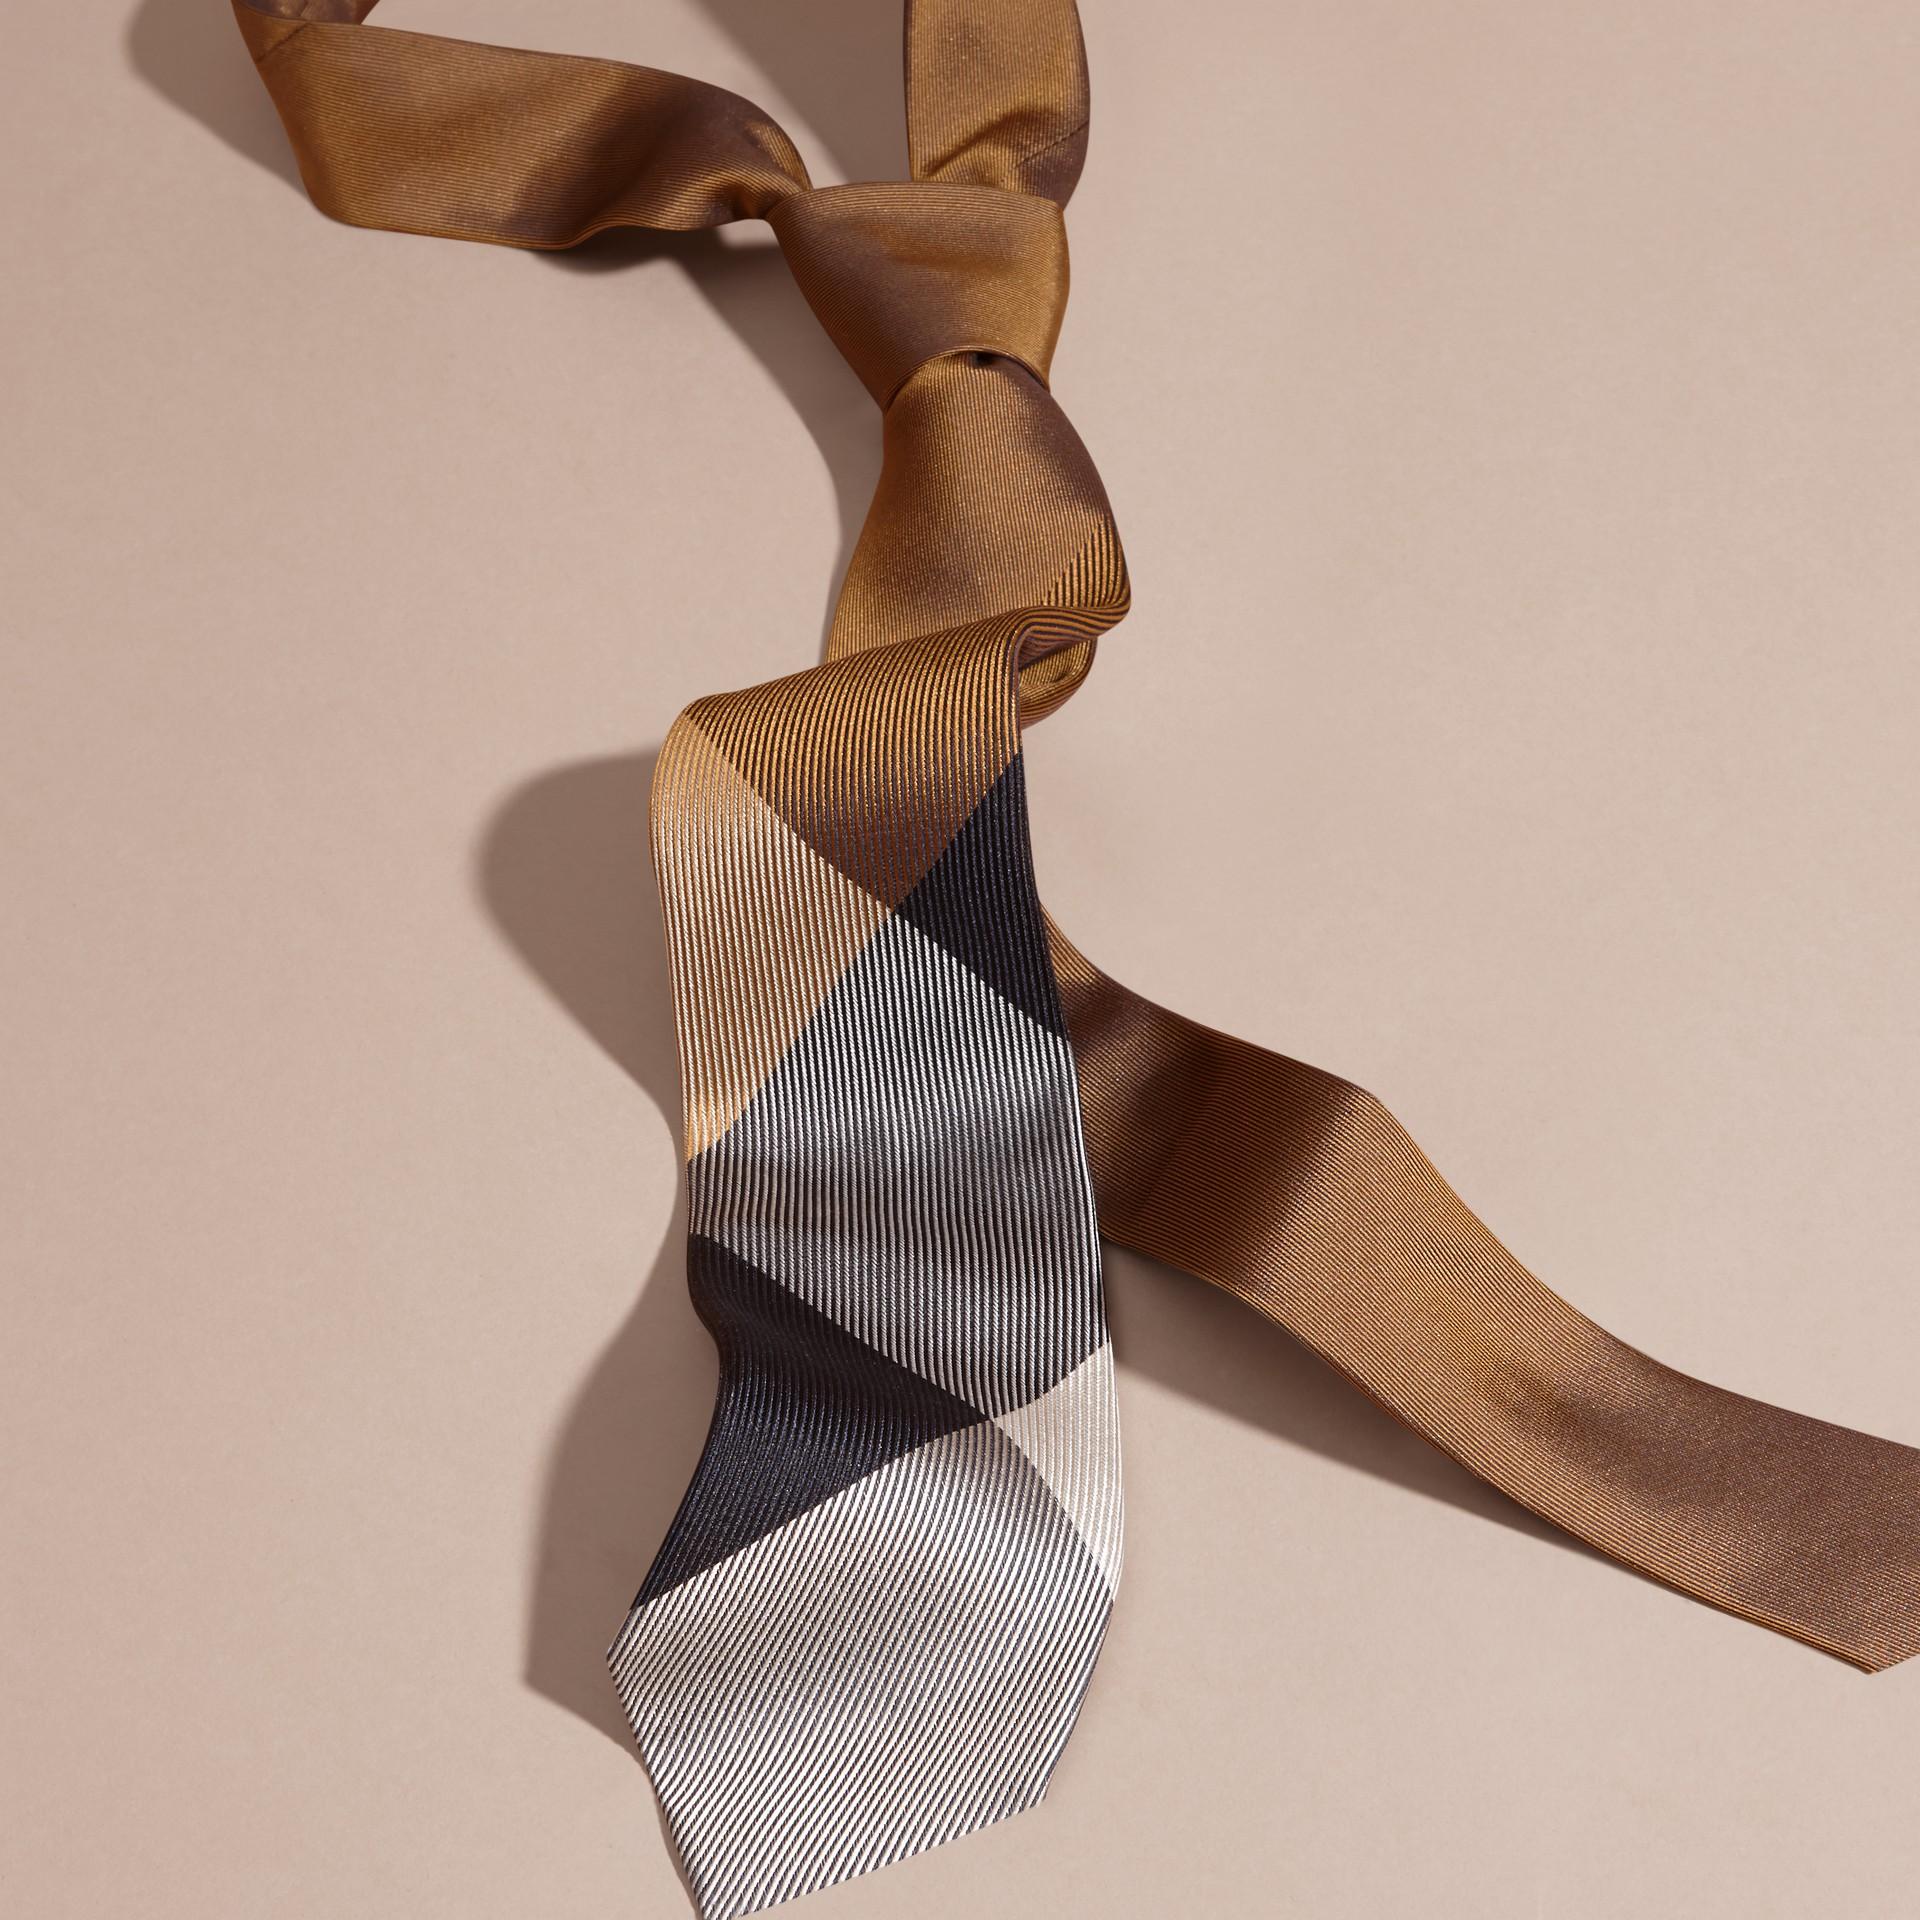 棕赭石色 現代剪裁格紋提花絲質領帶 棕赭石色 - 圖庫照片 3